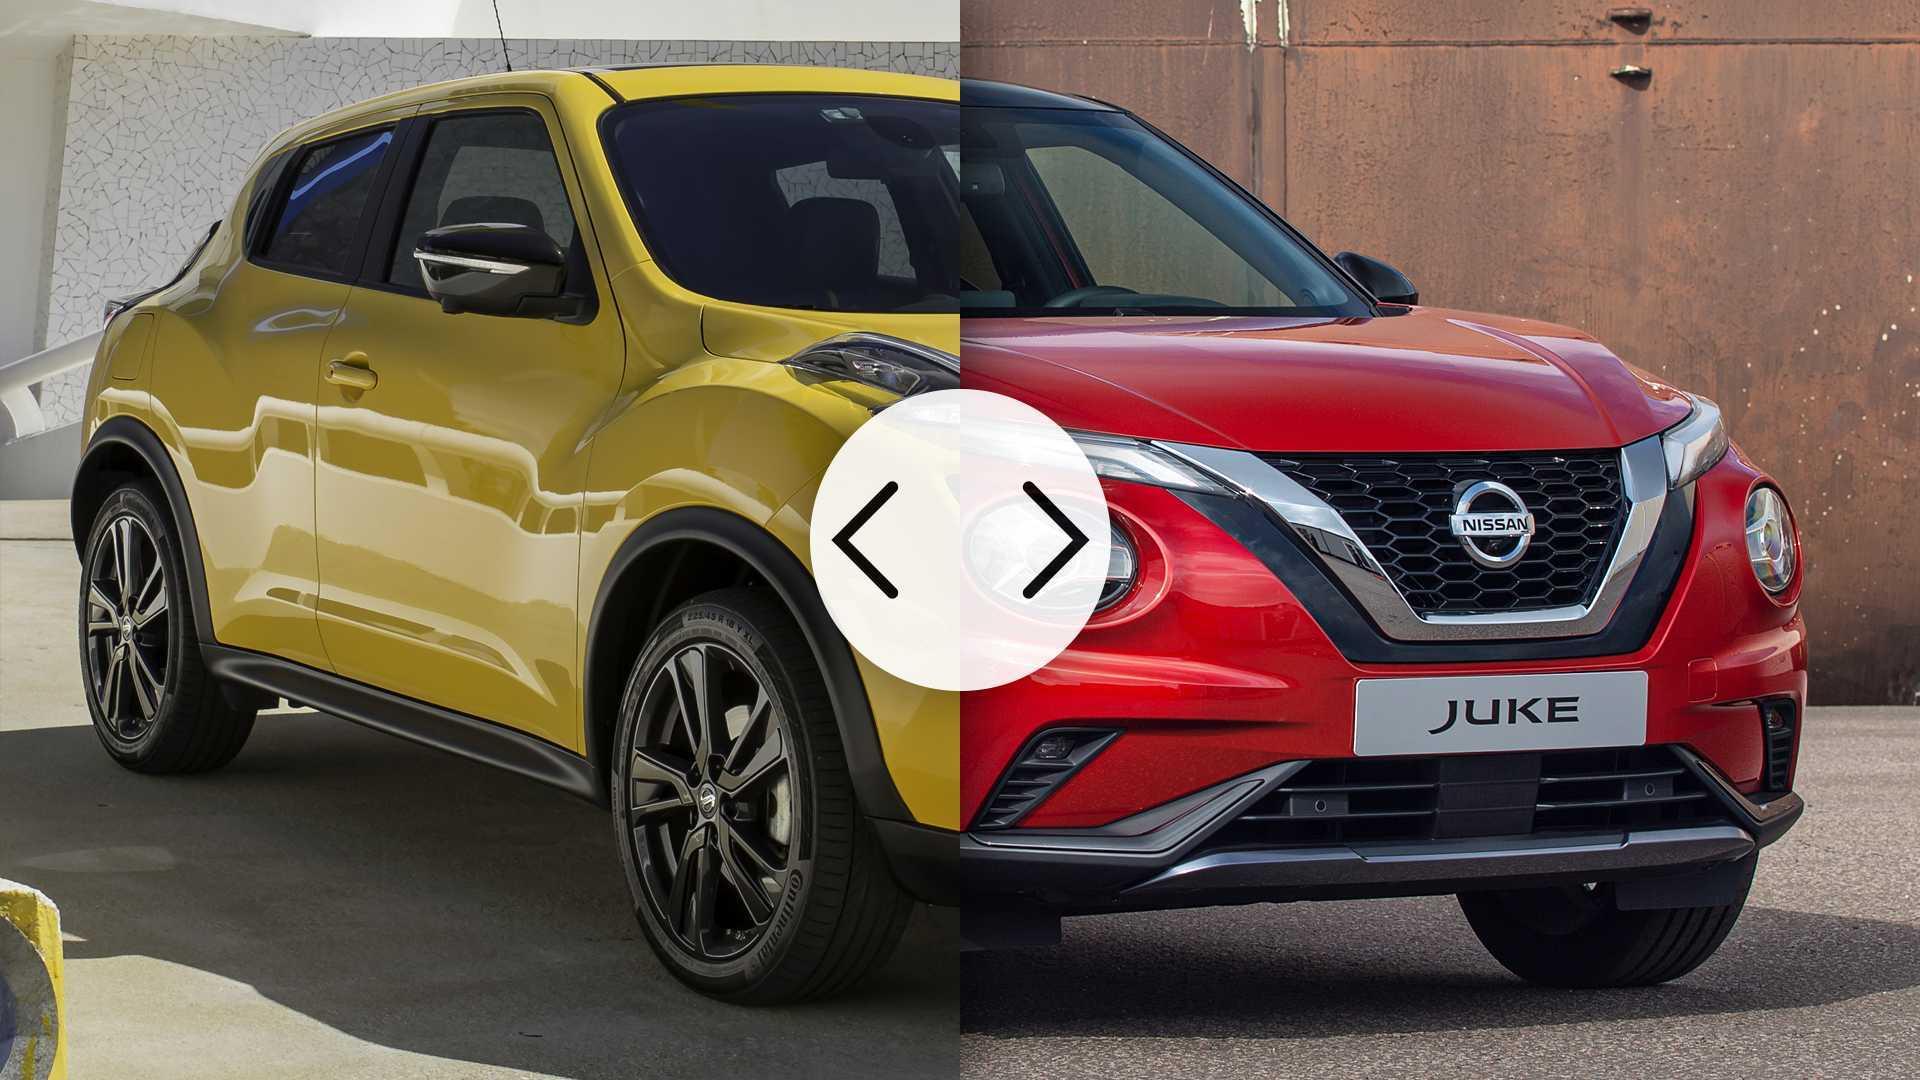 Nuova Opel Corsa 2019, info su prezzi e allestimenti